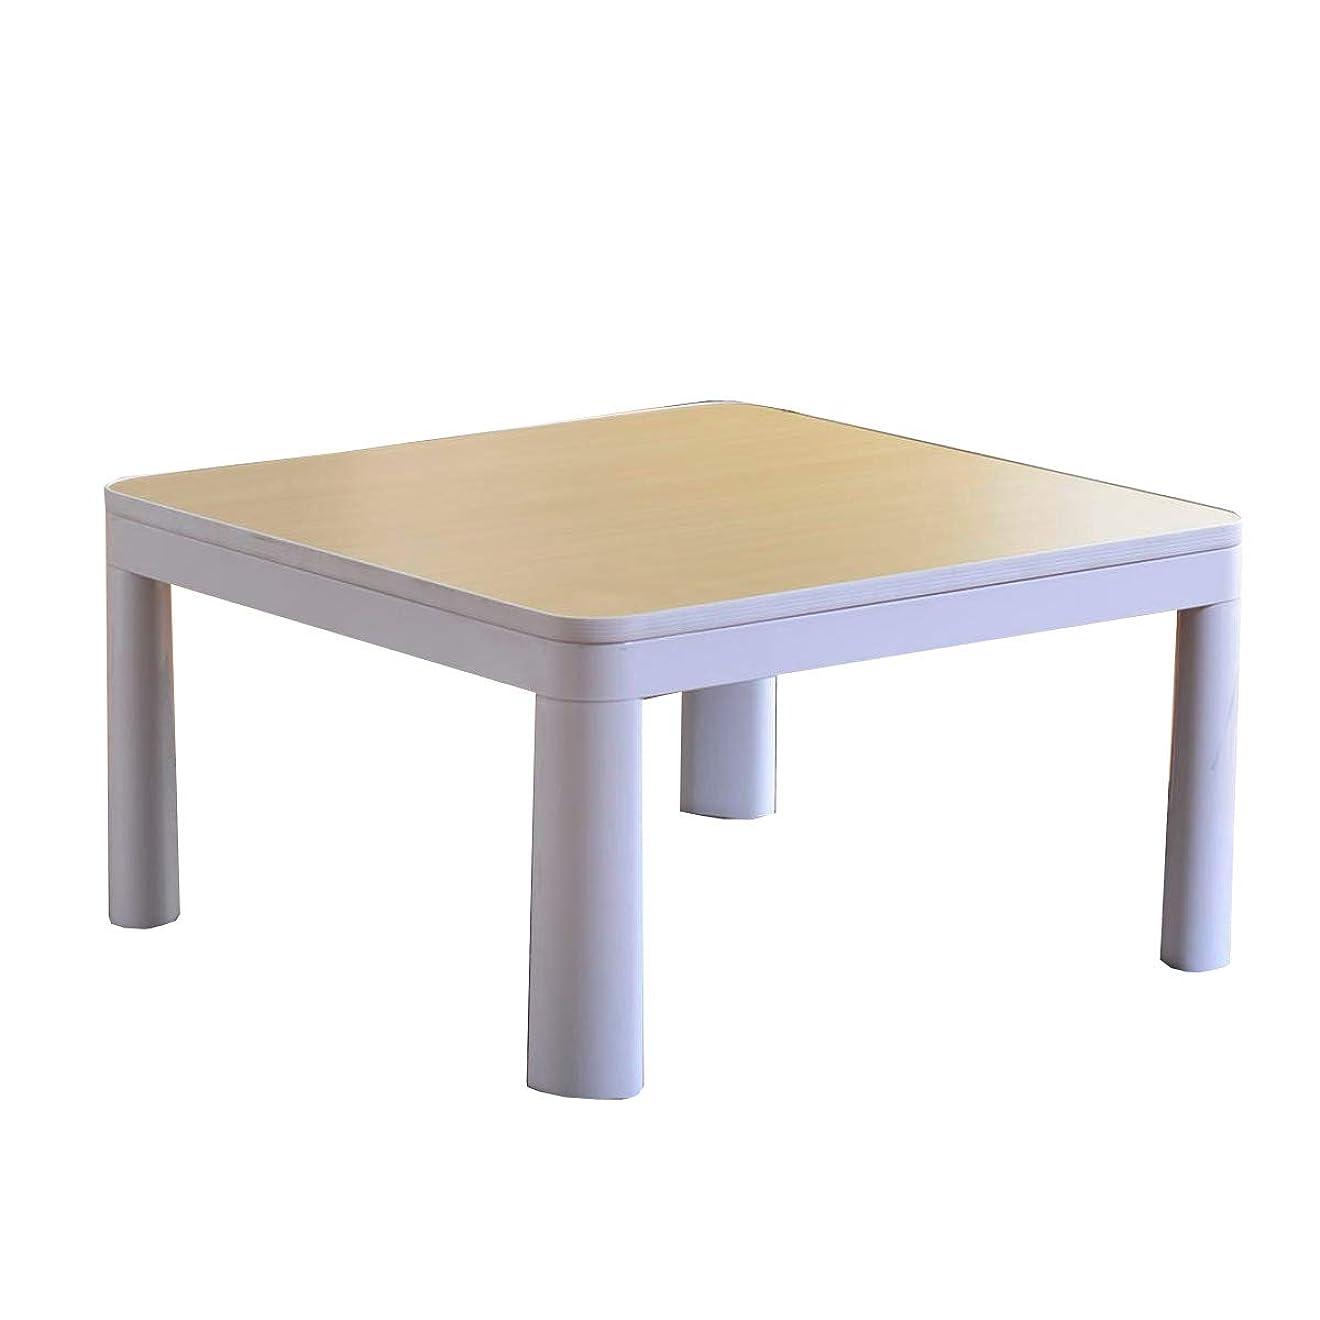 マーキング巨大な壁新生活 1人暮らし こたつ 正方形 こたつテーブル「カジュアルこたつ台(リバーシブル)」【GL】60×60cm(高さ38.5cm)ホワイト(#9810617) 【返品不可】